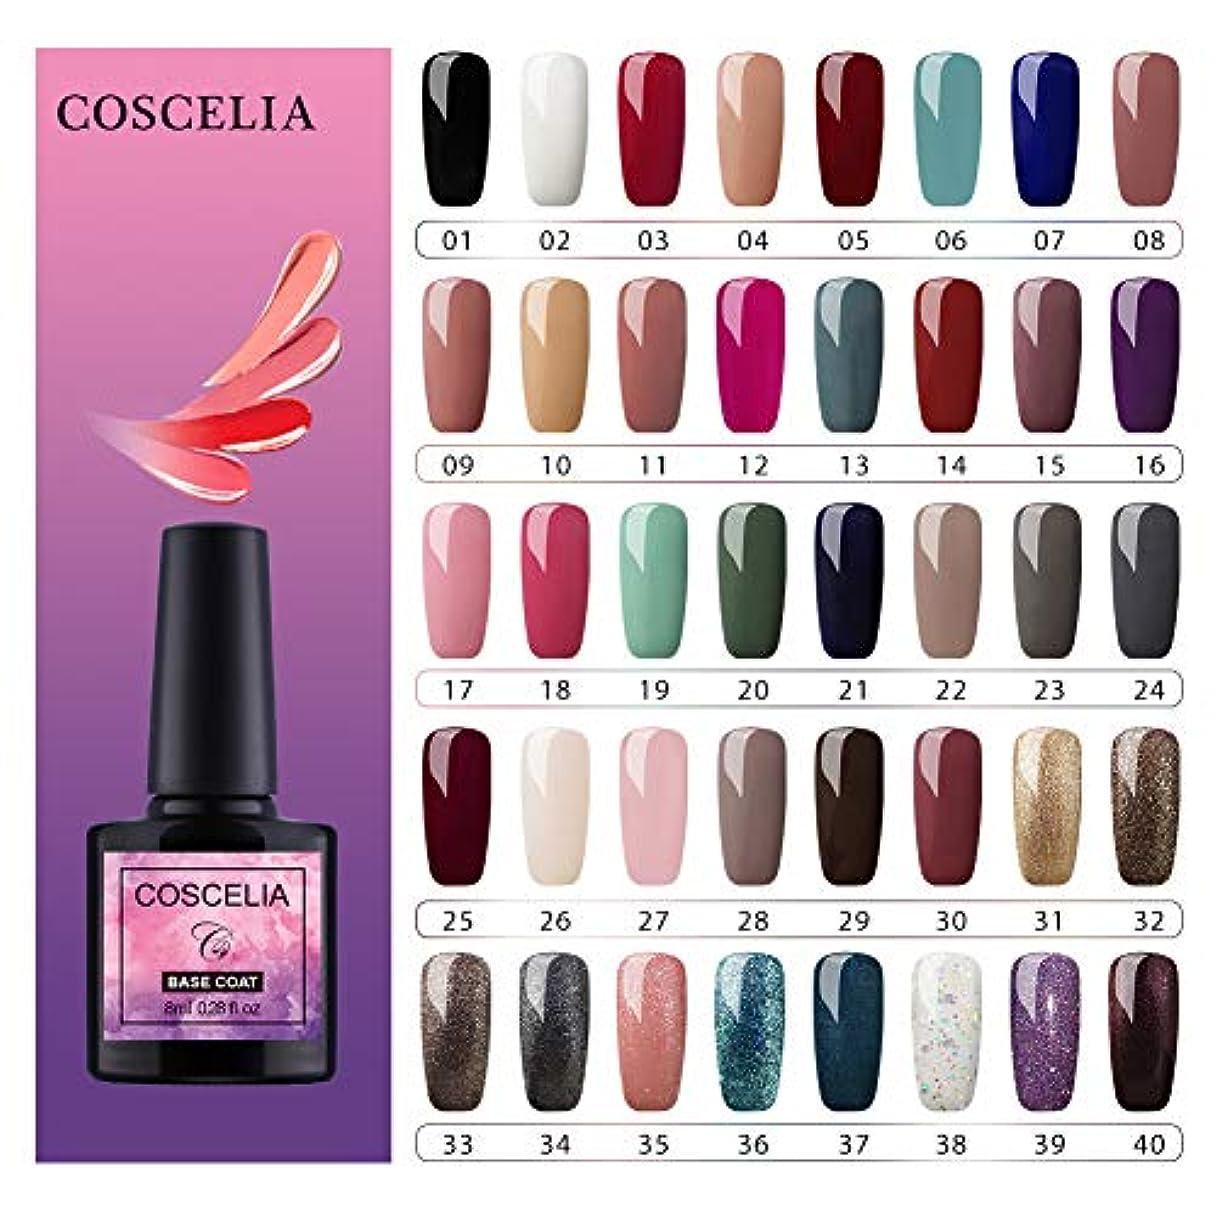 ハドル進化ハドルTwinkle Store 8ml、全40色 ジェルネイル カラー セルフネイル キット ジェルネイルキット led ネイルキット ジェルネイルセット (40色)